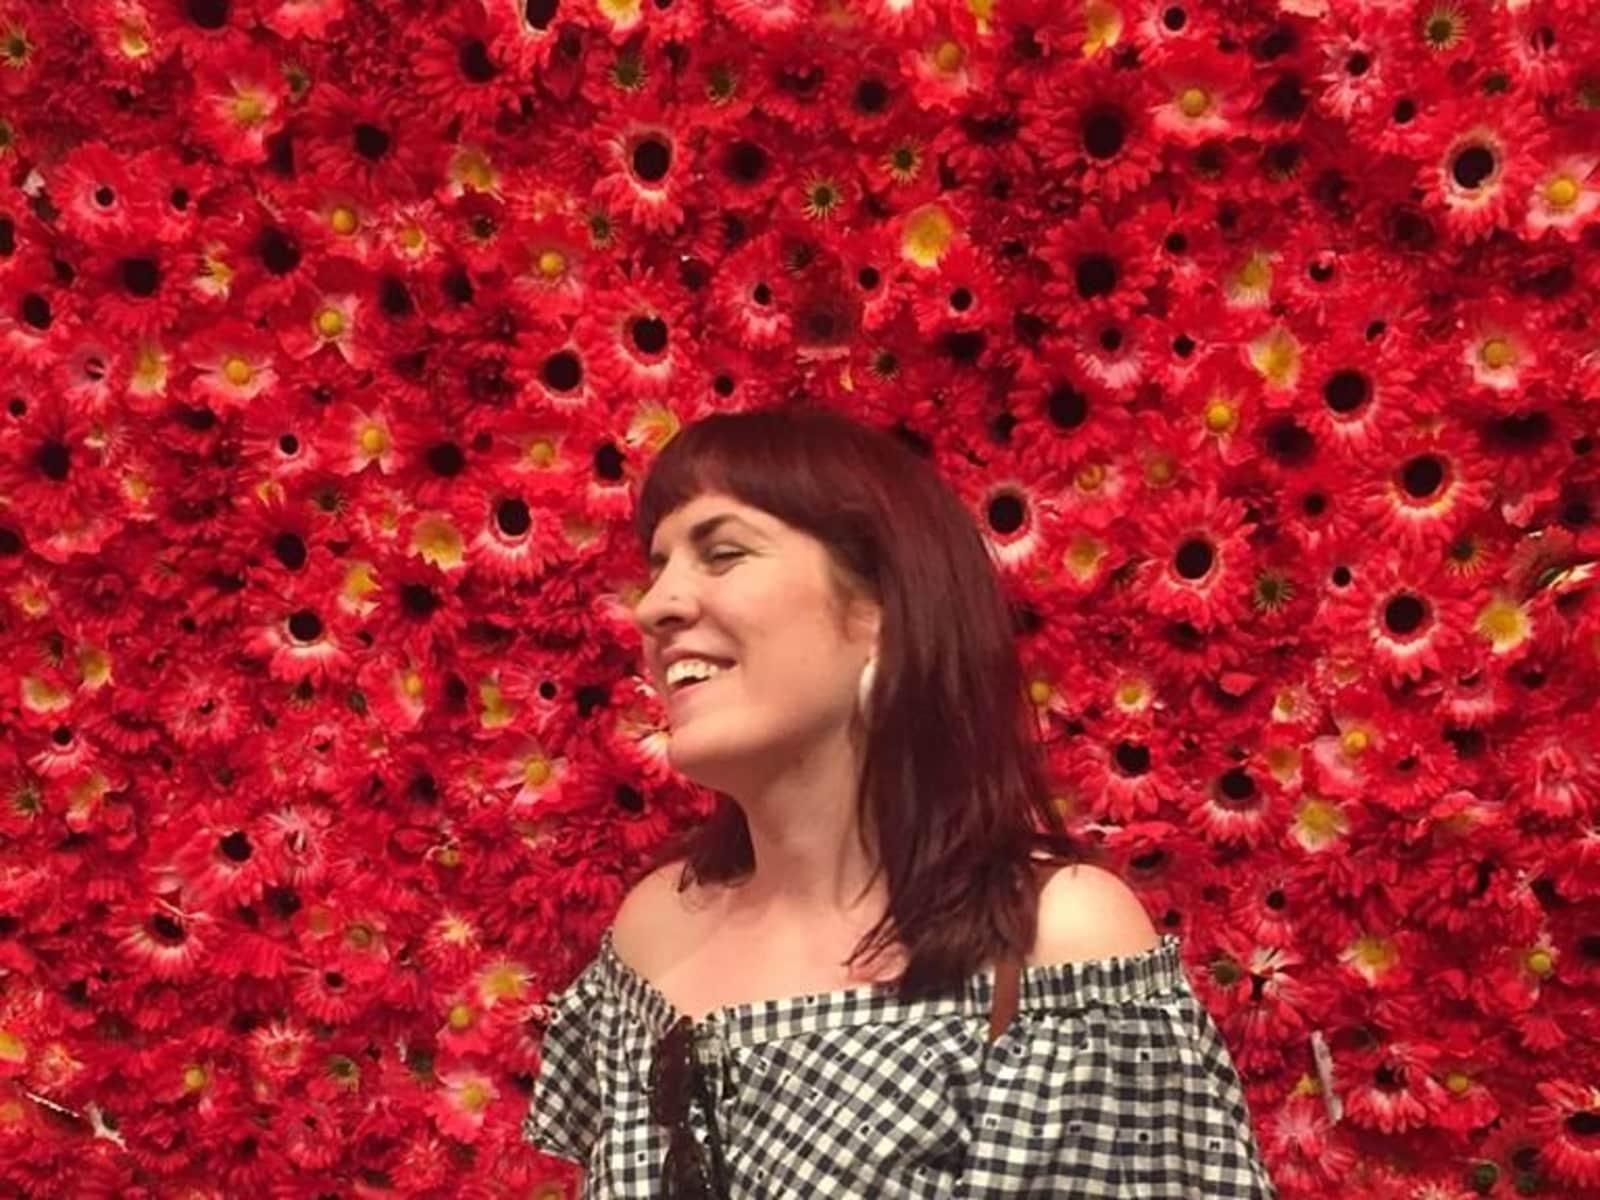 Rebecca from Woodend, Victoria, Australia